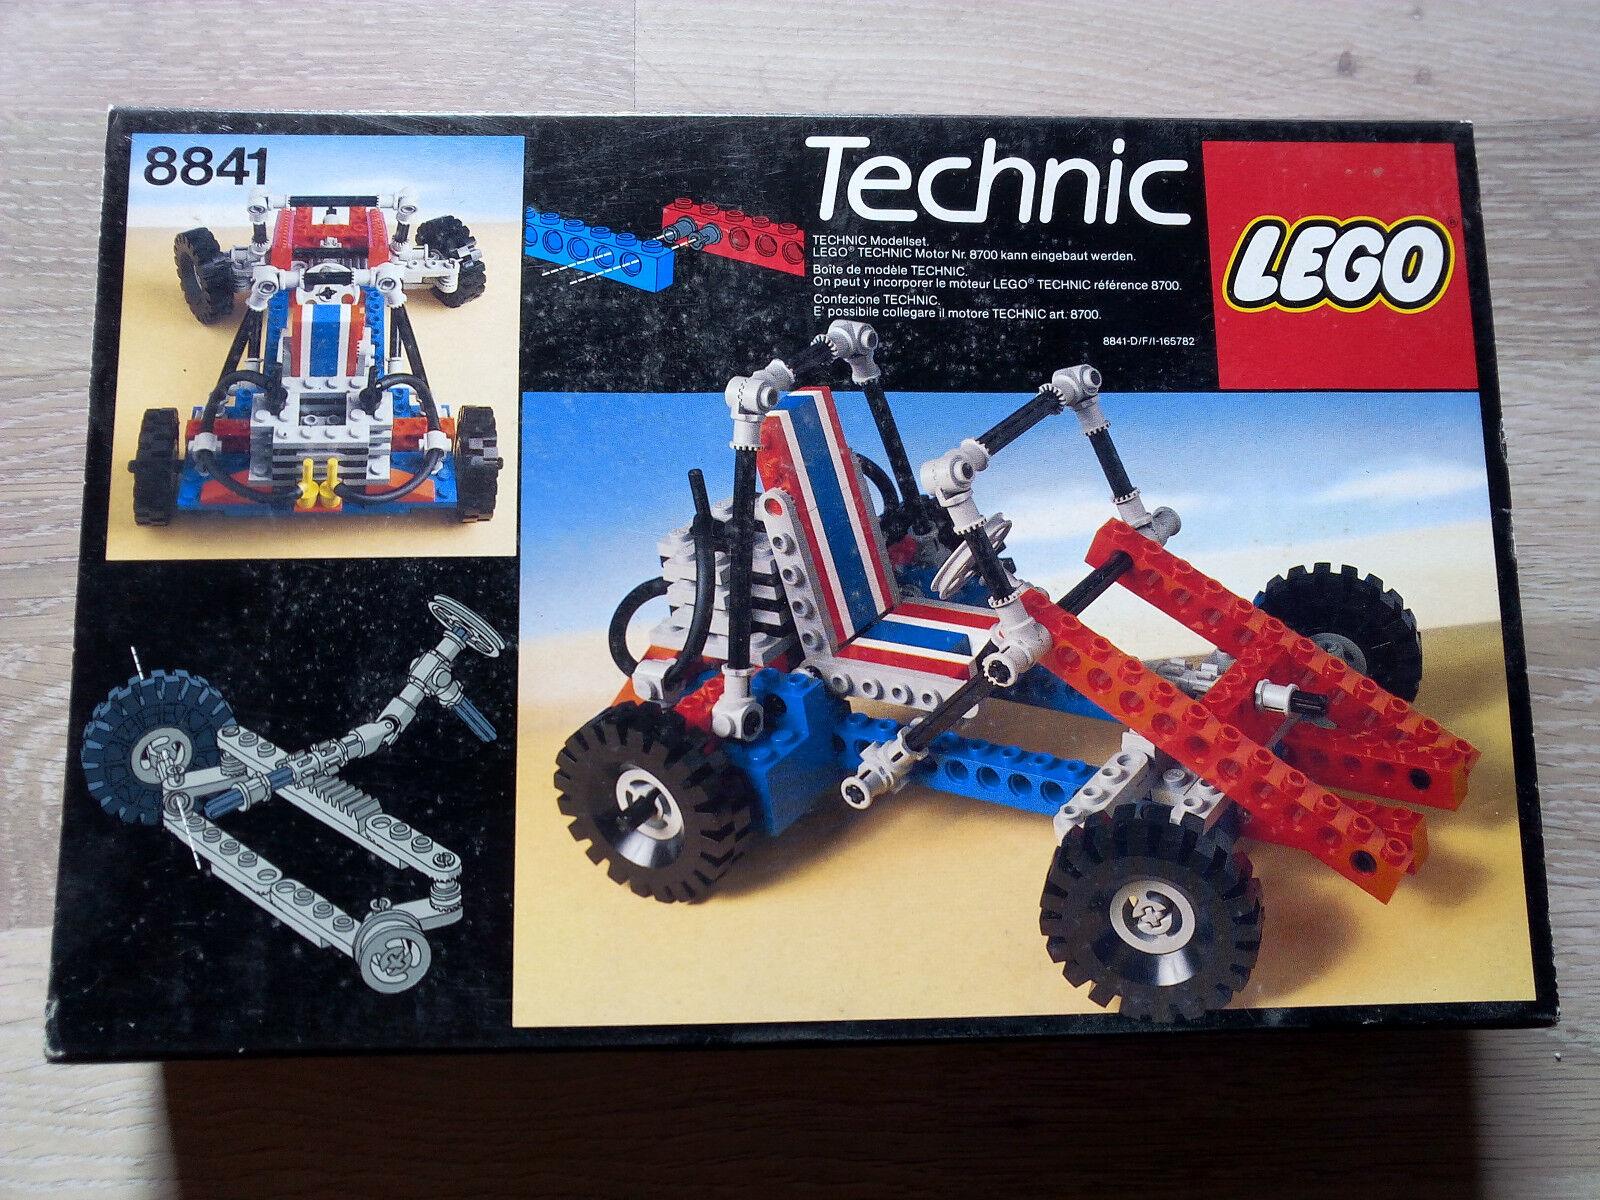 Lego Technic Technik 8841 Desert Racer   NEU & OVP - RARITÄT  | Bekannt für seine schöne Qualität